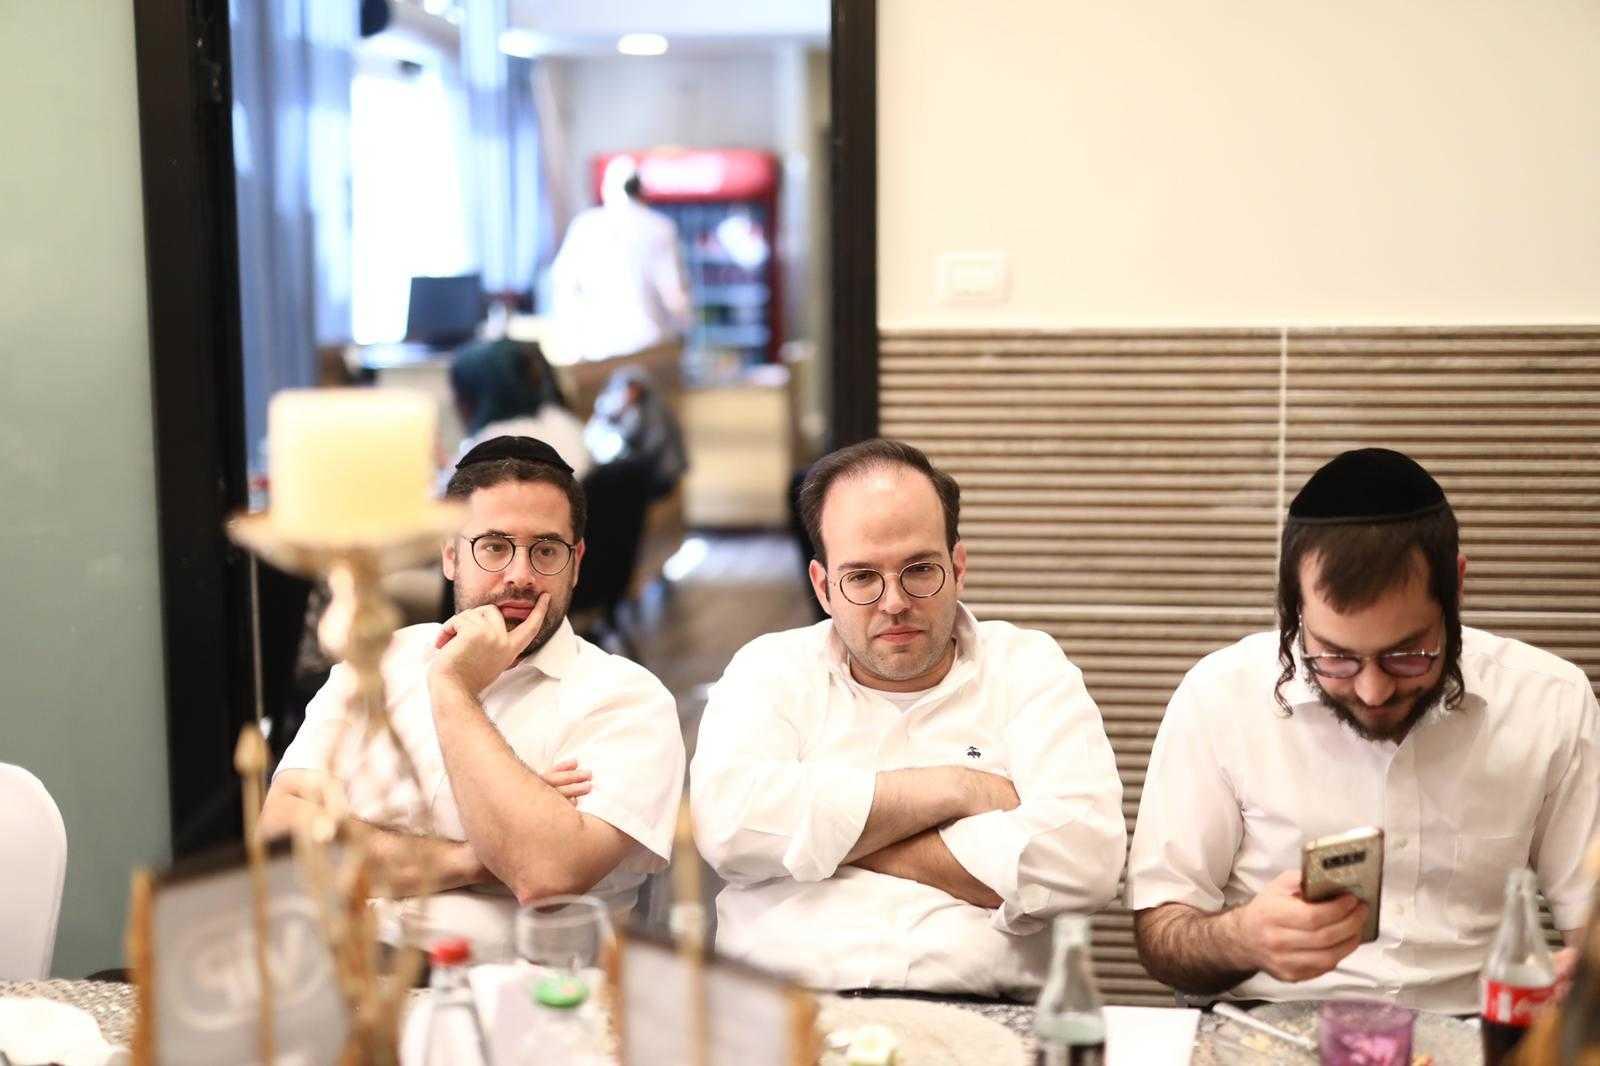 סיקור מצולם: עיתונאים חרדים באירוע השקה לחדר VIP במסעדה היהודית 4